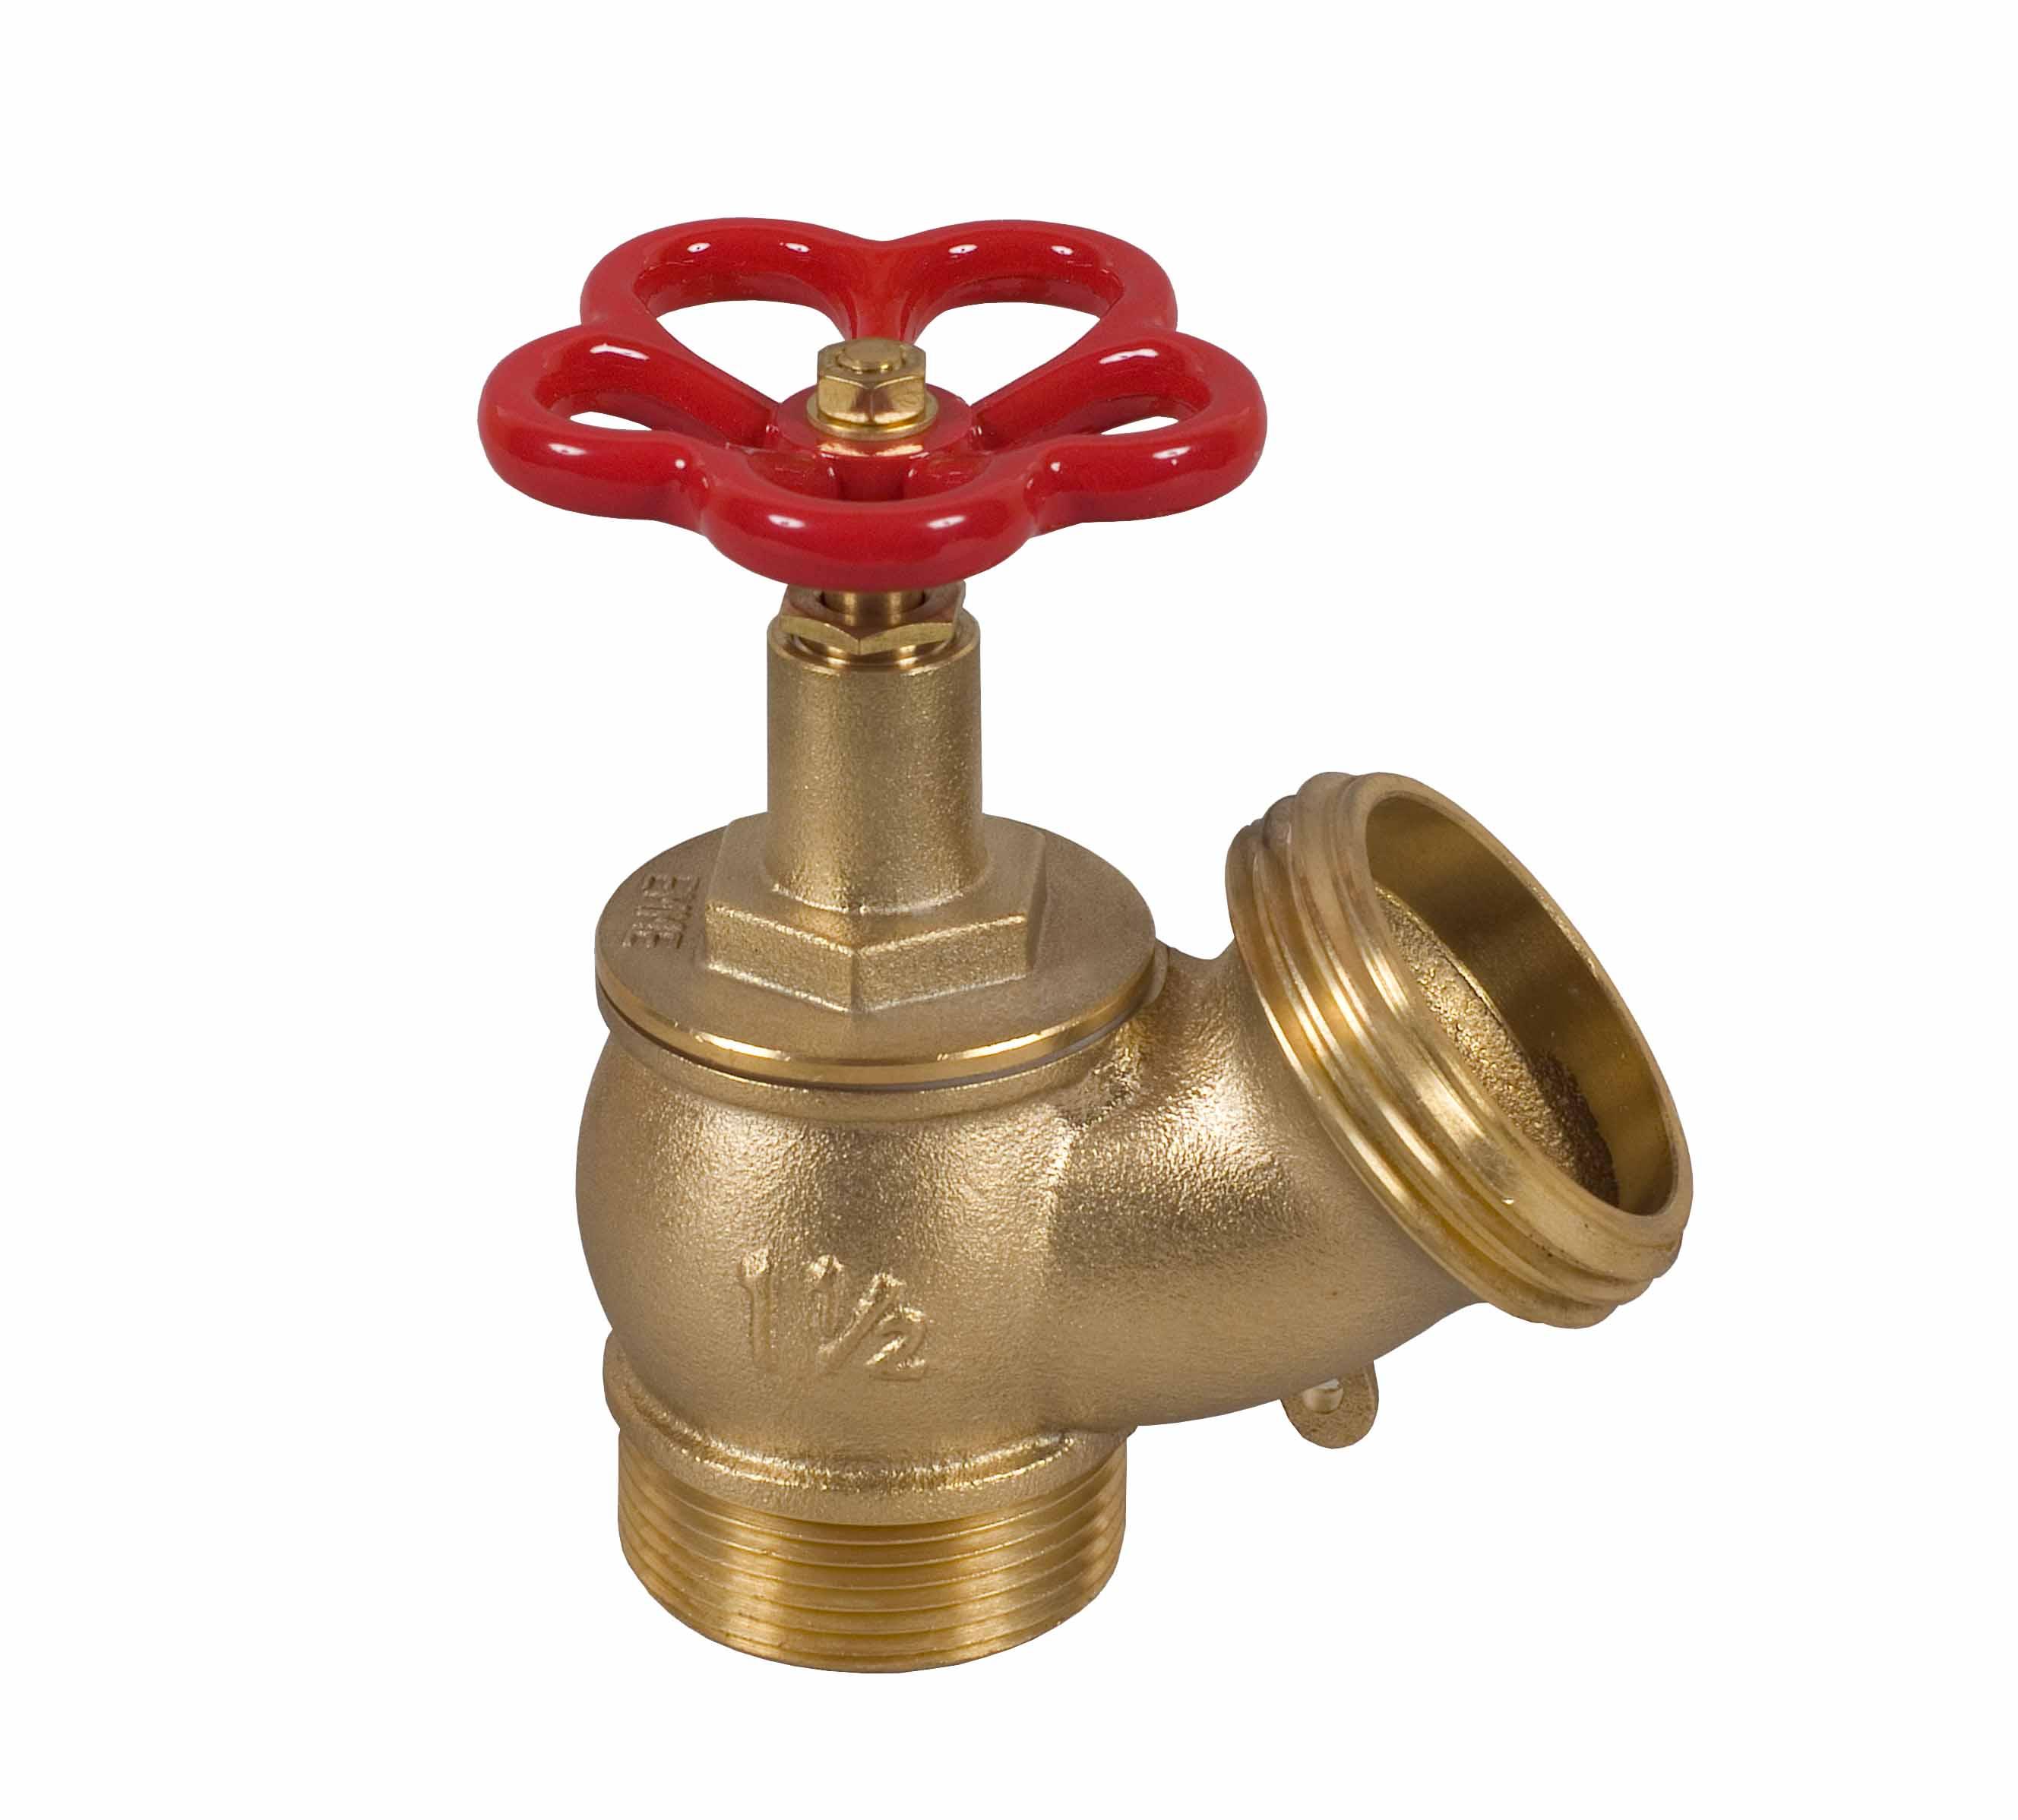 Rubinetto uni 45x1 39 39 1 2 pn 16 iso 7 ottone volantino for Manichette per irrigazione prezzi